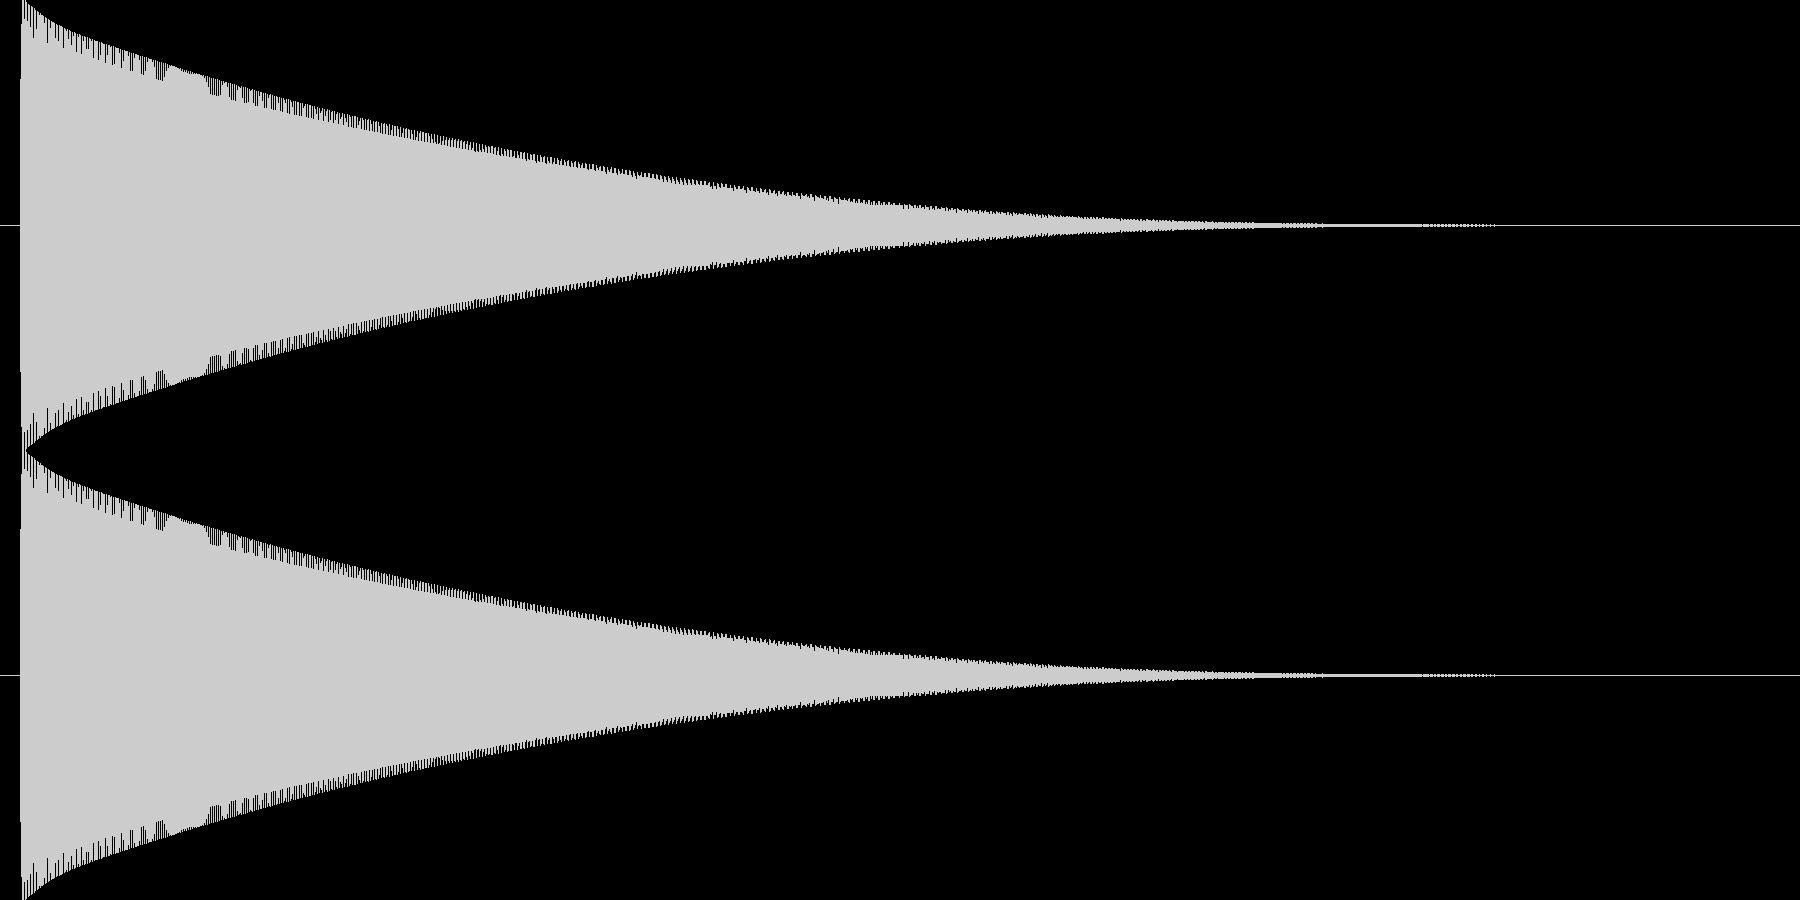 フォーンと長い軌道を描いて落下する音の未再生の波形